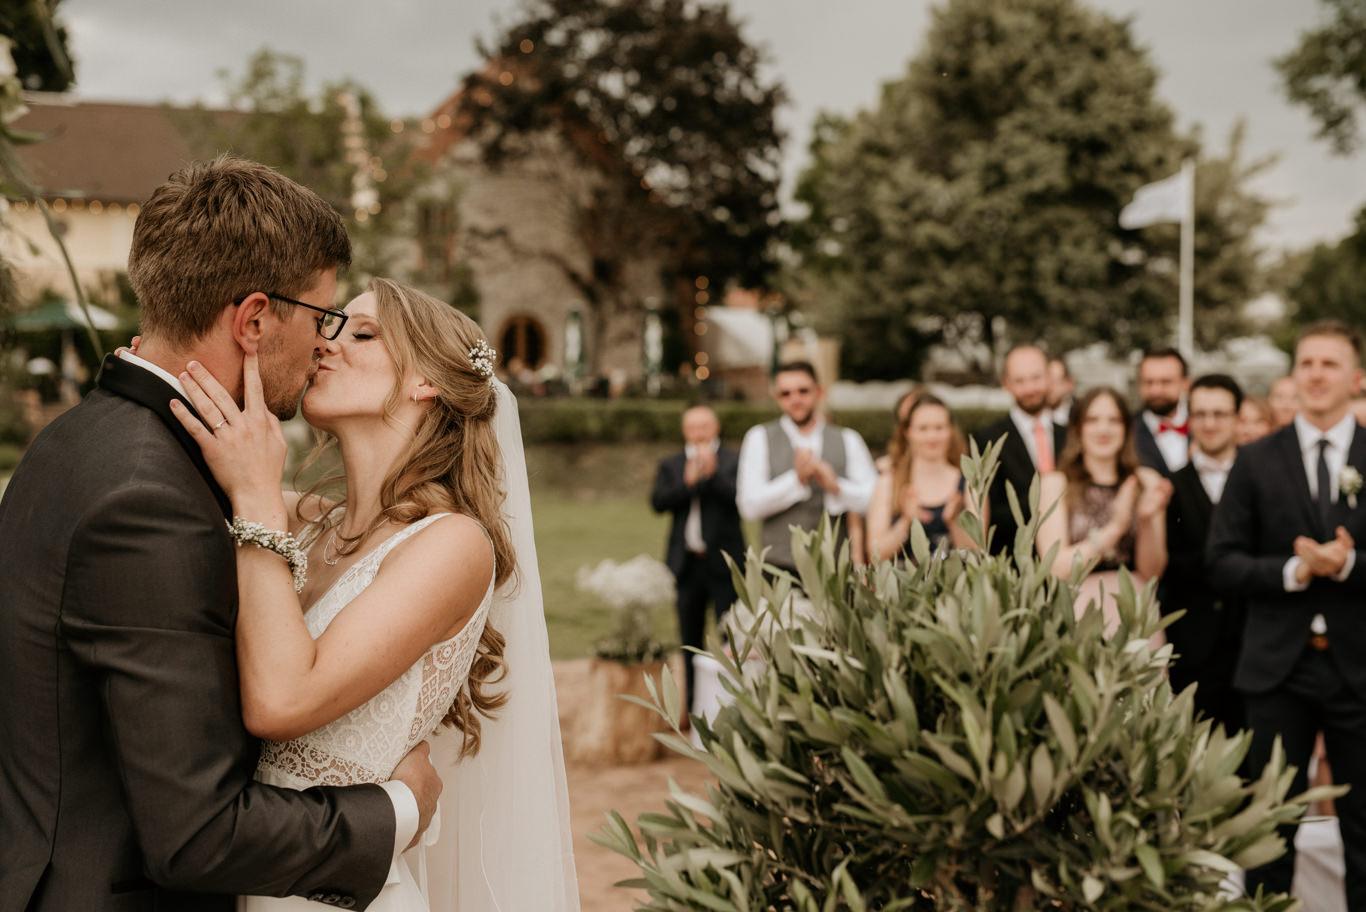 Hochzeitsfotograf Hofgut Langenau Darmstadt Mannheim freie trauung reportage